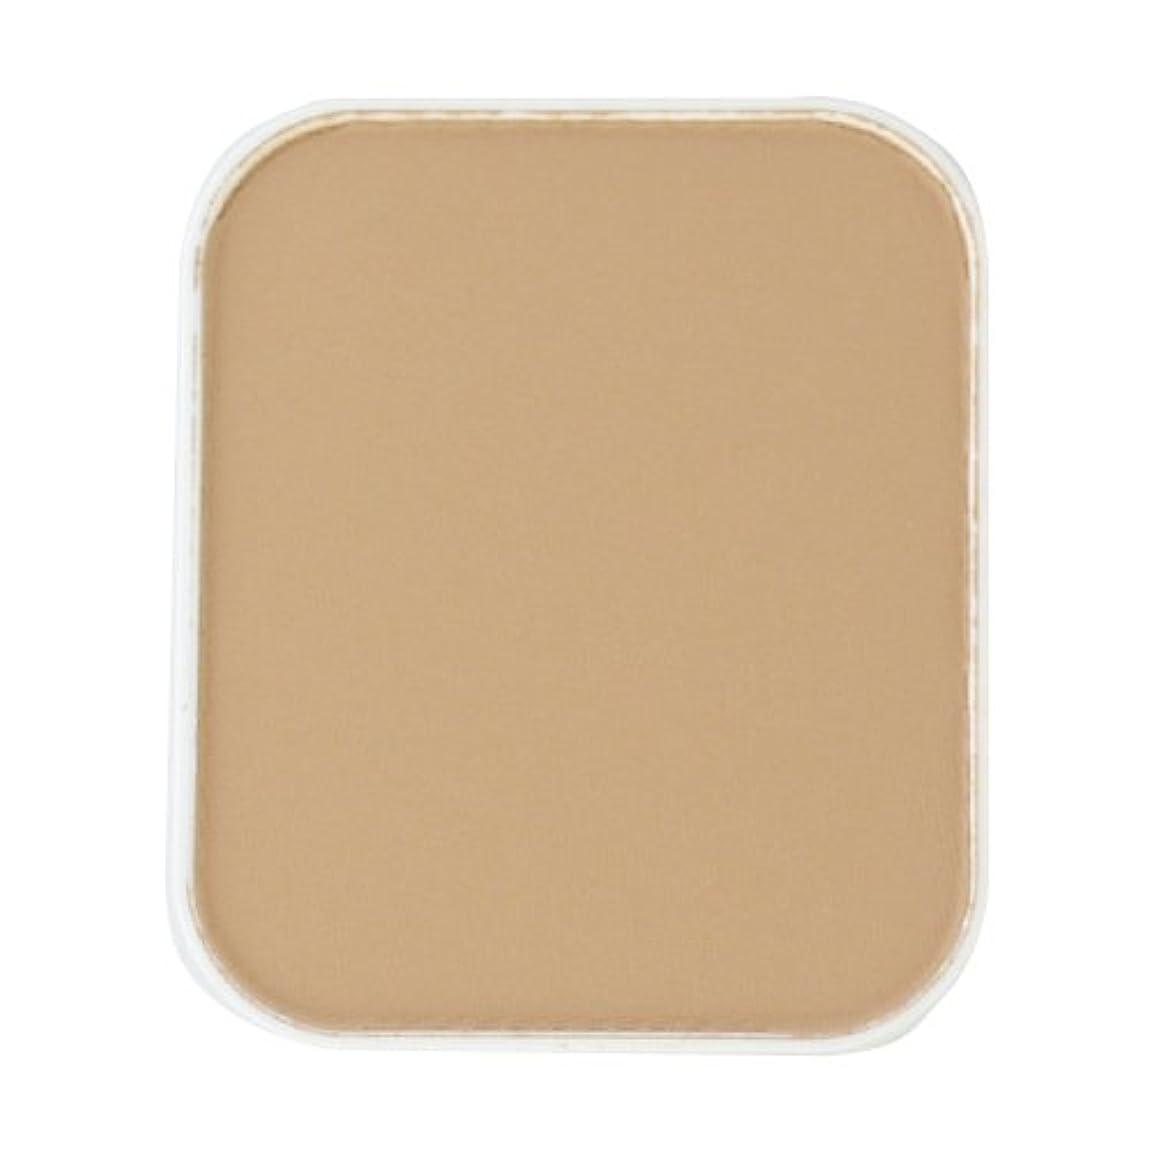 レッドデート行商人飼料資生堂 UVホワイト ホワイトスキンパクト SPF25 PA+++ 12g 【詰め替え用】【OC-20】